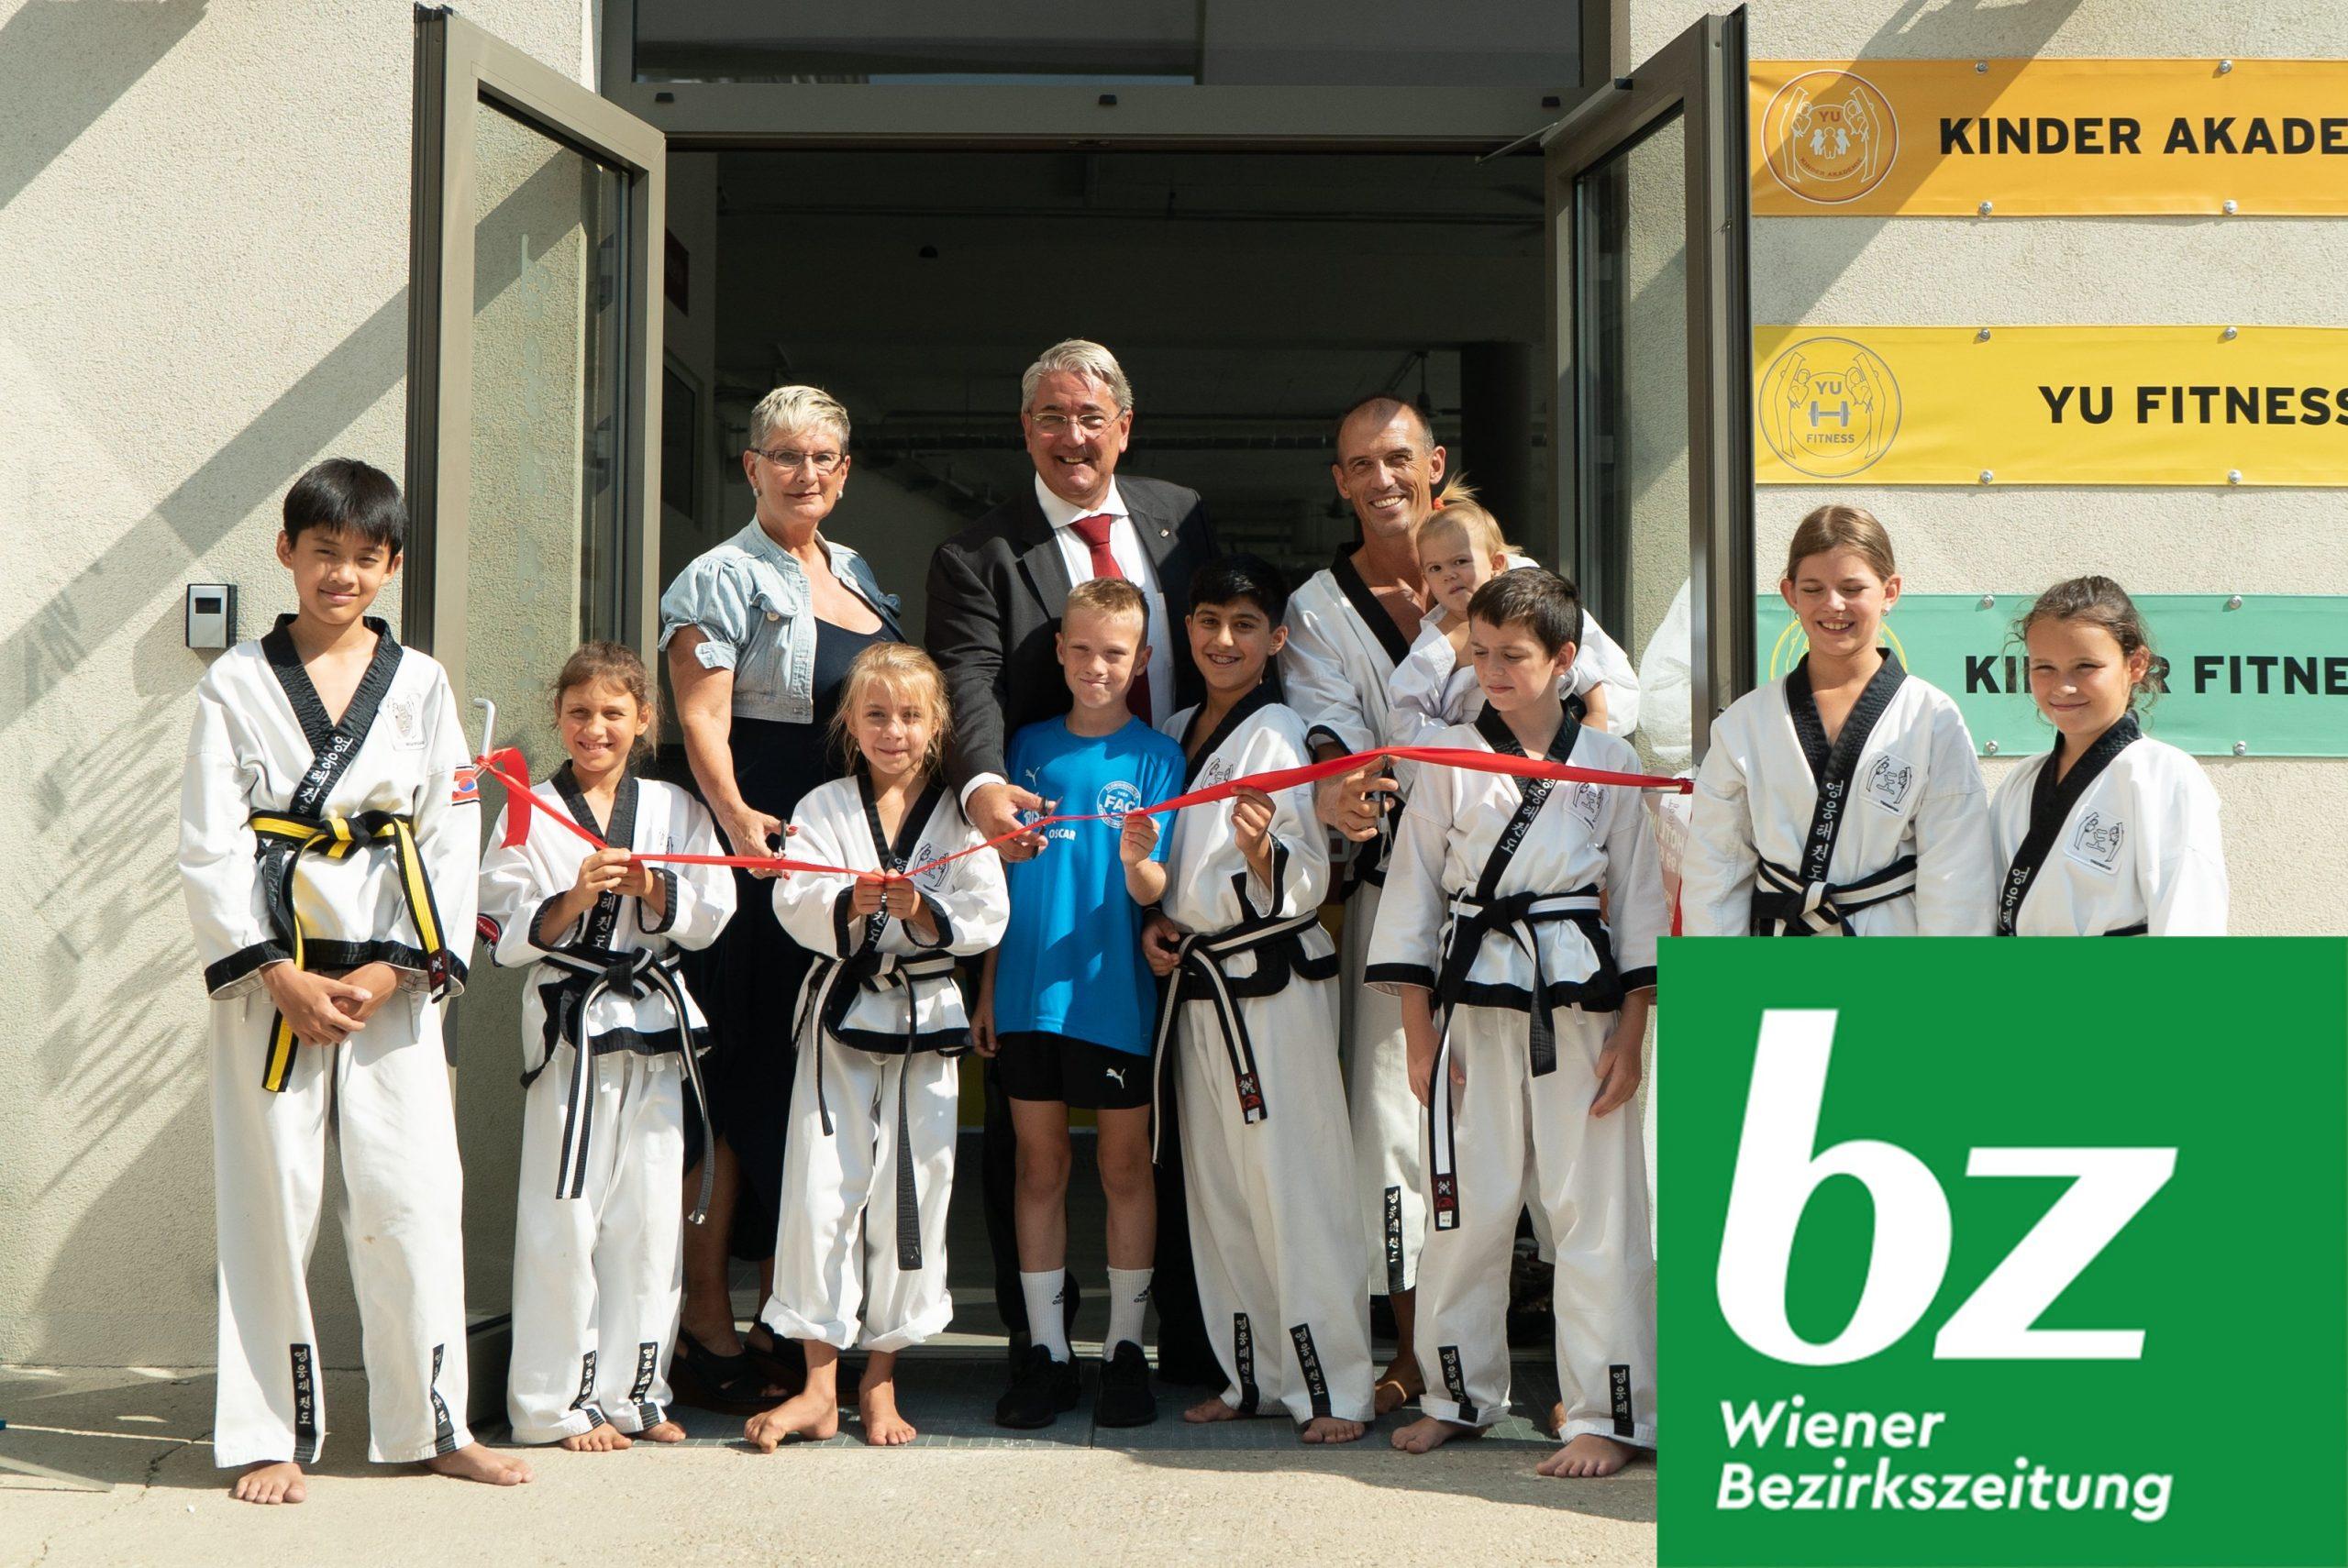 YOUNG-UNG Taekwondo BIG YU Wiener Bezirkszeitung